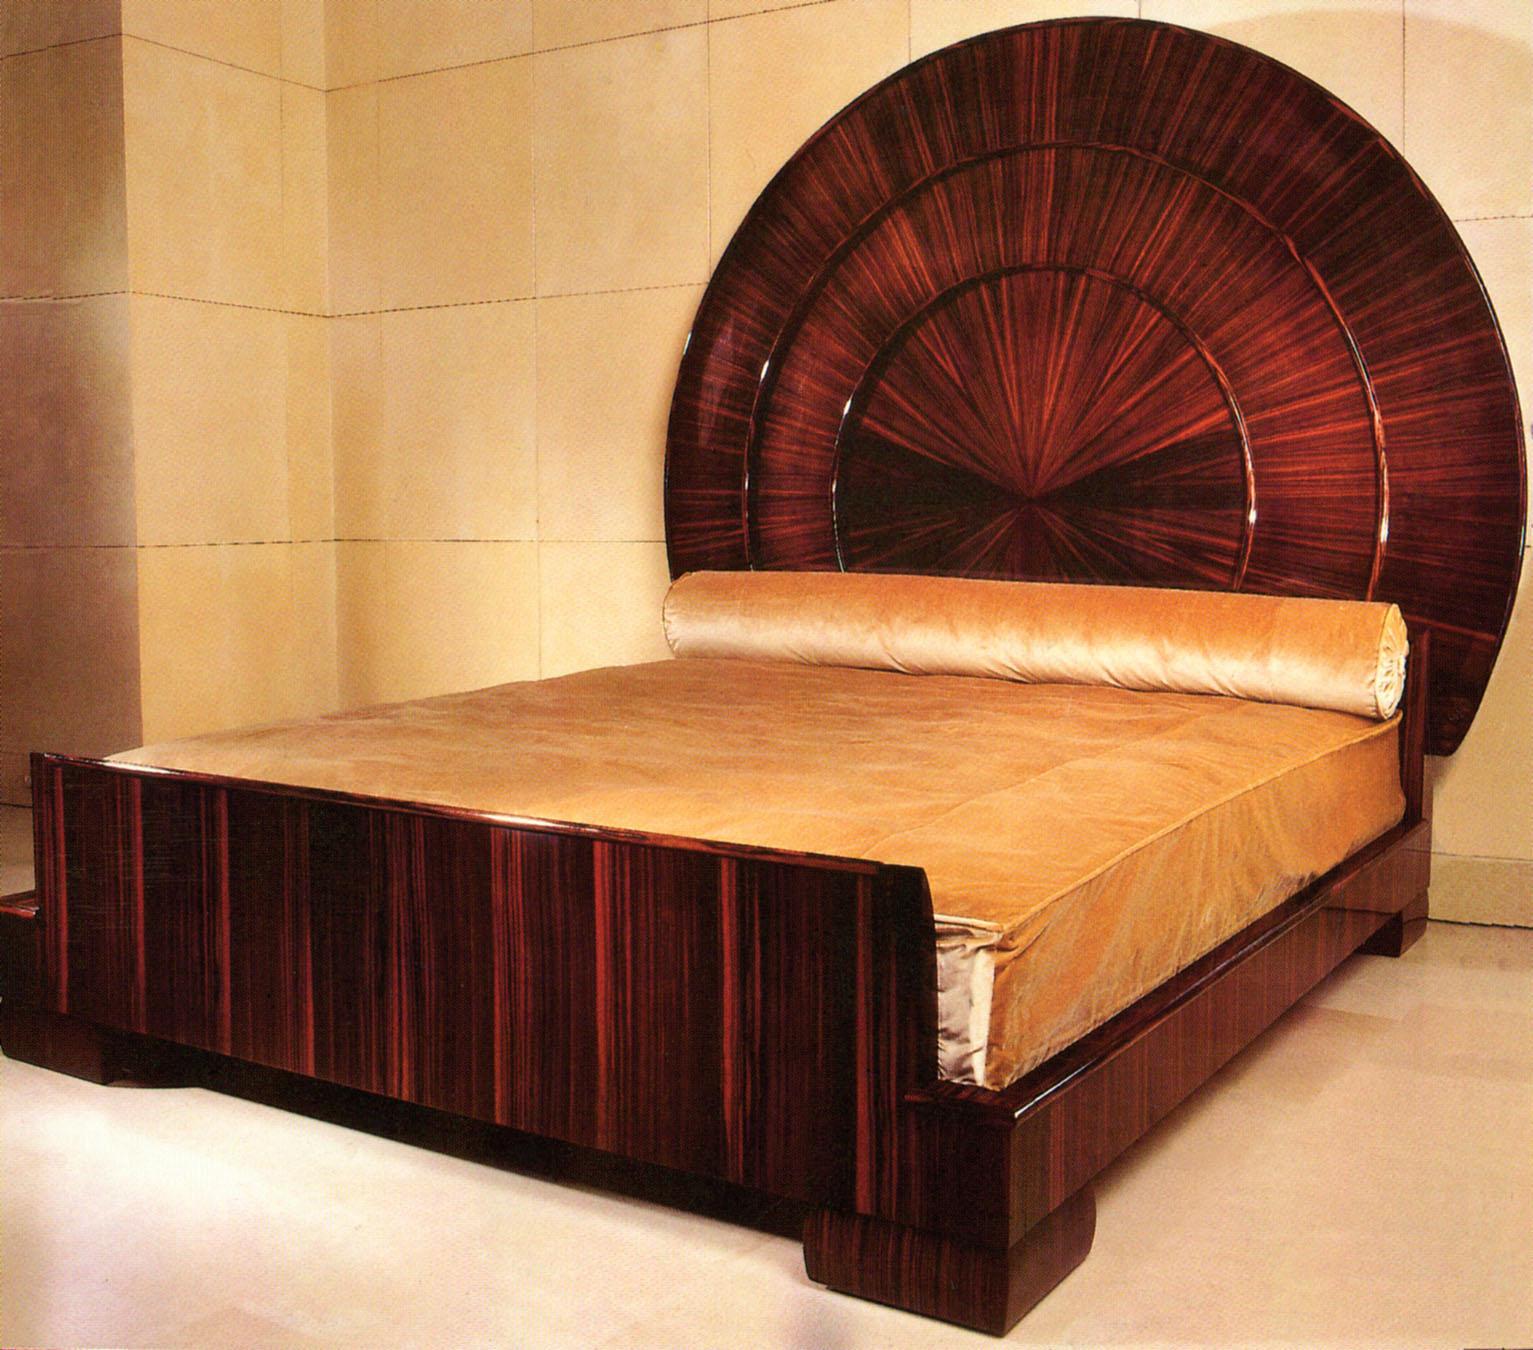 """Art Deco """"Sun Bed"""" by Ruhlmann. Image courtesy:   Ruhlmann.info"""